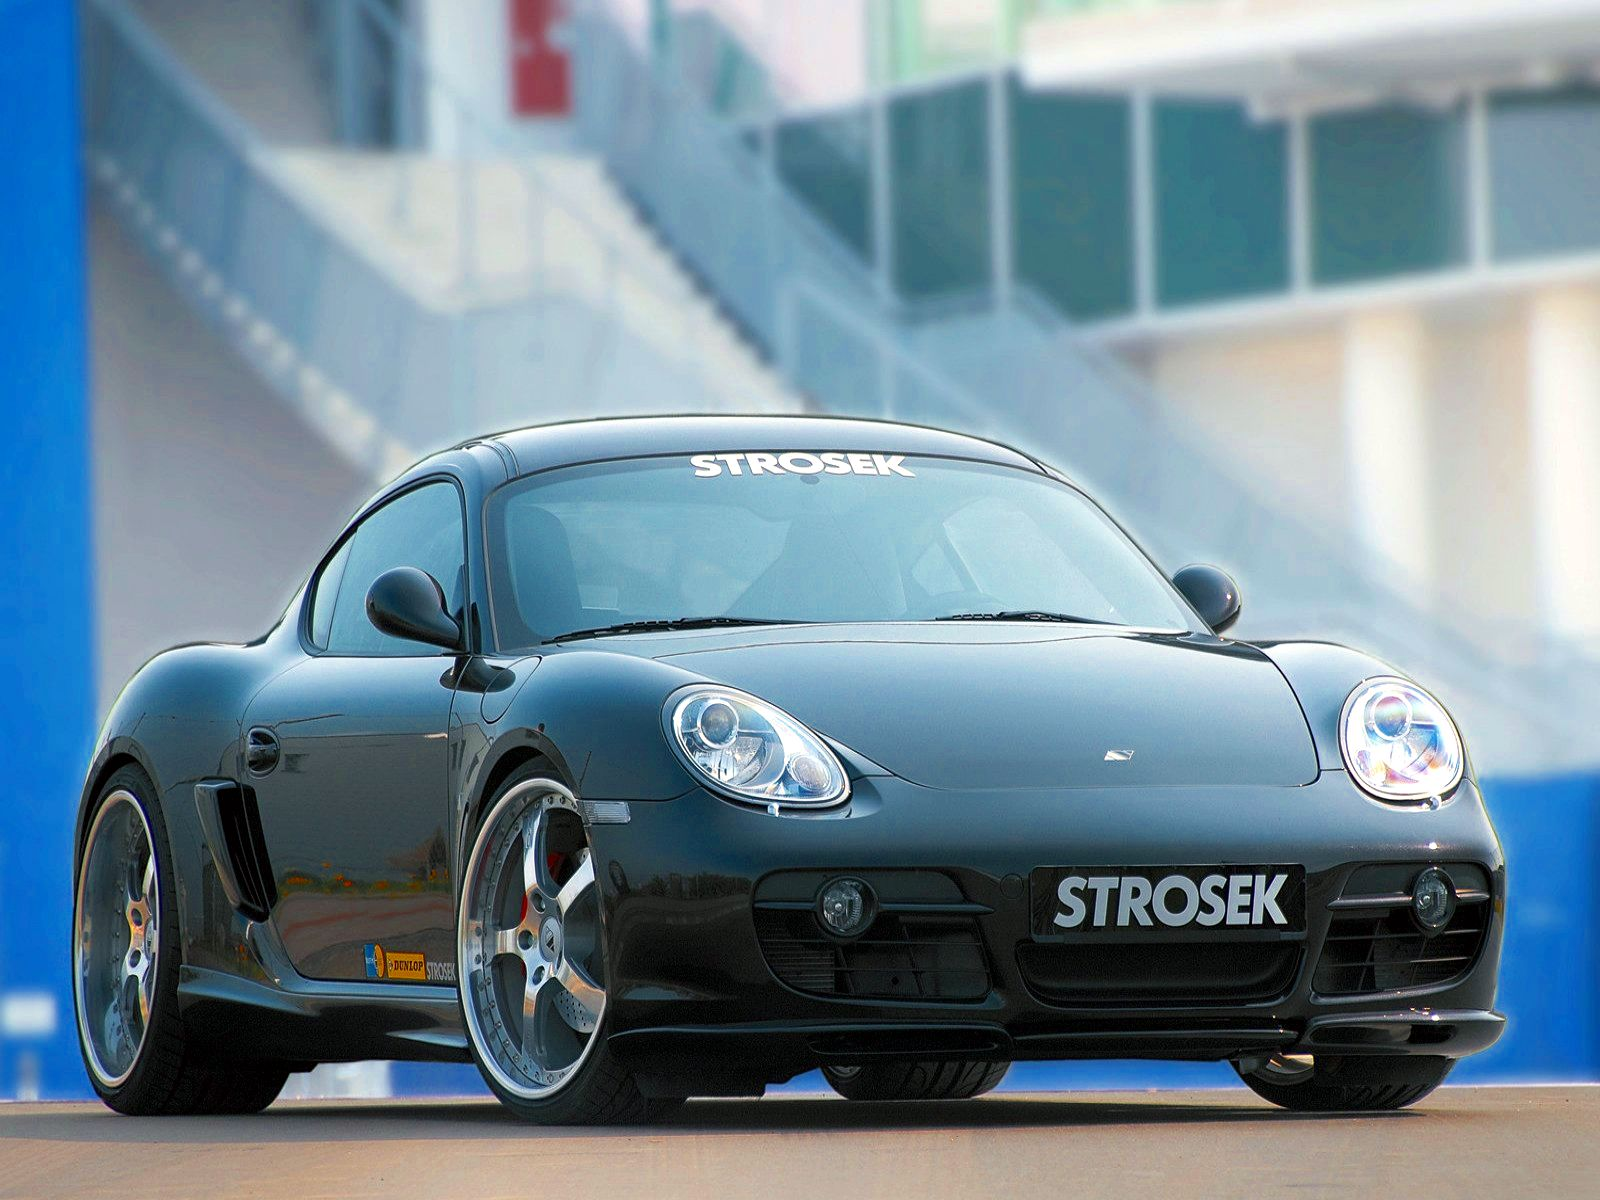 Strosek Porsche Cayman Porsche Cayman S Porsche Porsche Boxter